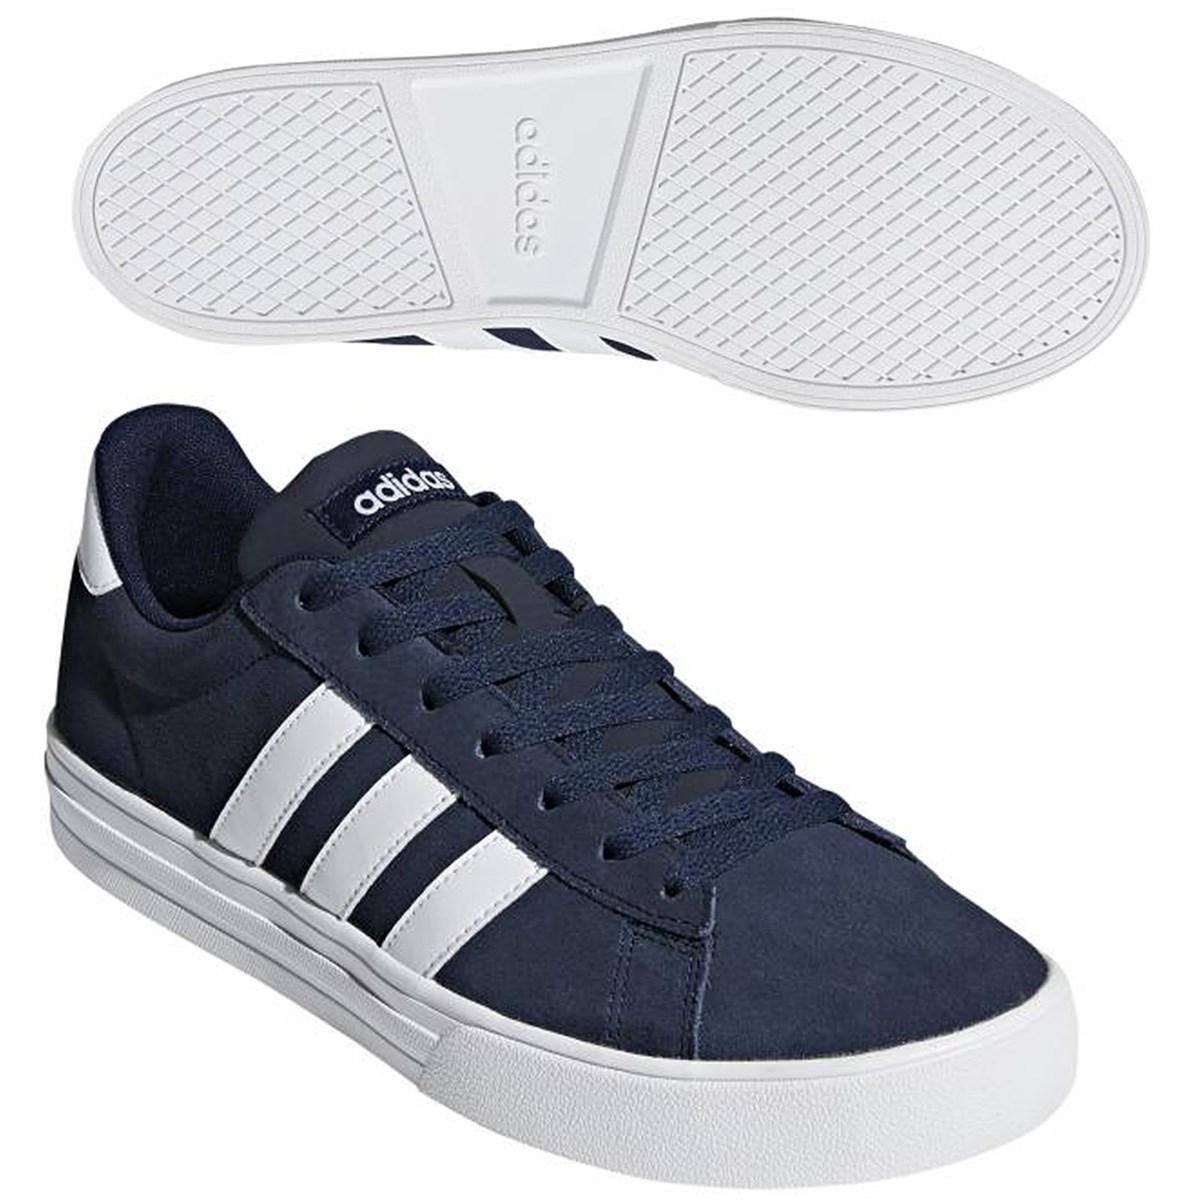 アディダス(adidas) ADIDAILY 2.0 SUE シューズ